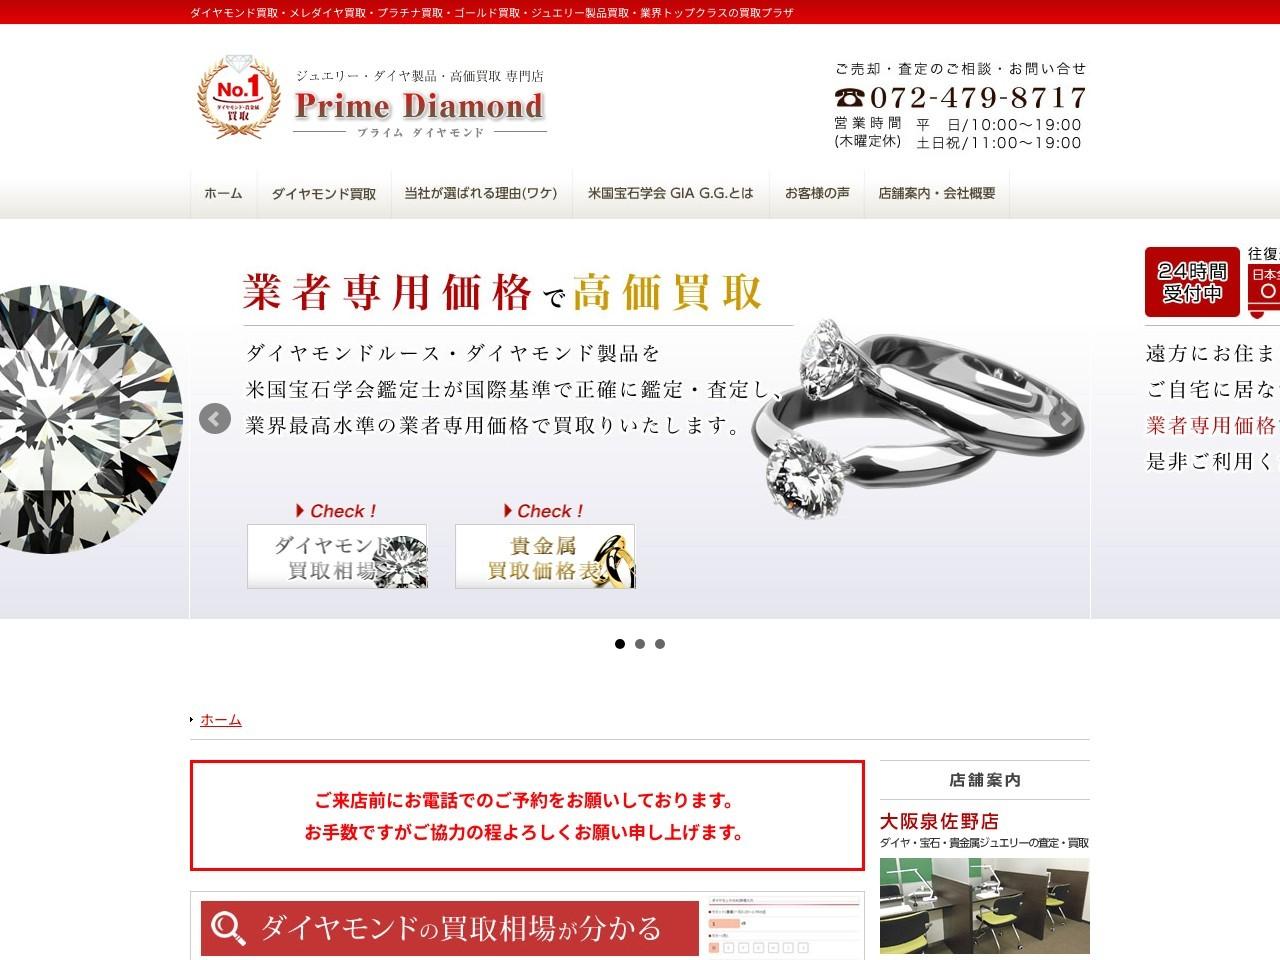 ダイヤモンド専門高額買取店/ワンランク上のプロの査定 ダイヤモンドチェインジ【大阪岸和田】